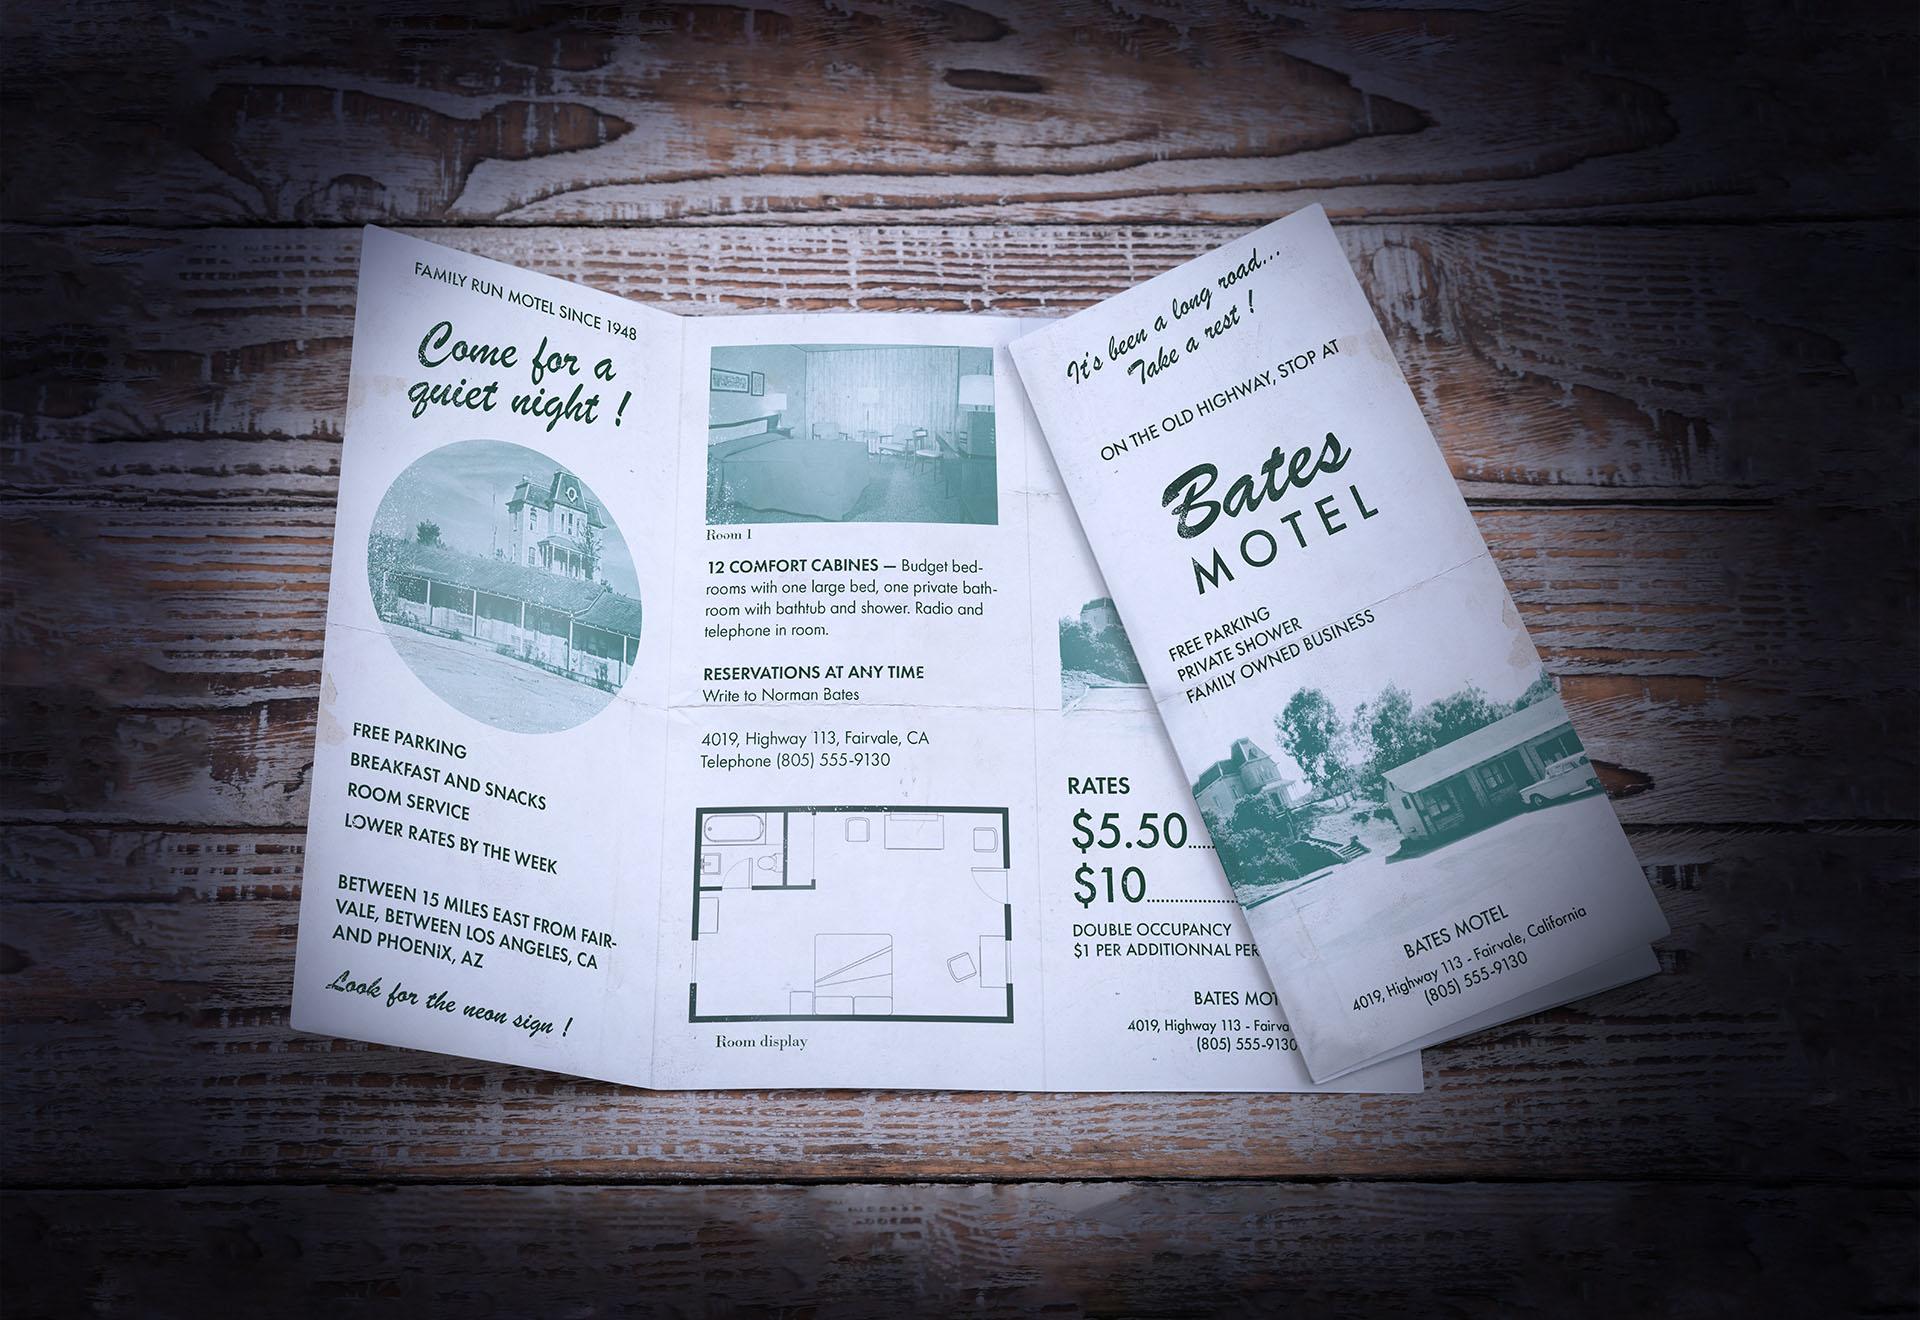 Fausse brochure du Bates Motel inspirée des années 60 posée sur une table en bois